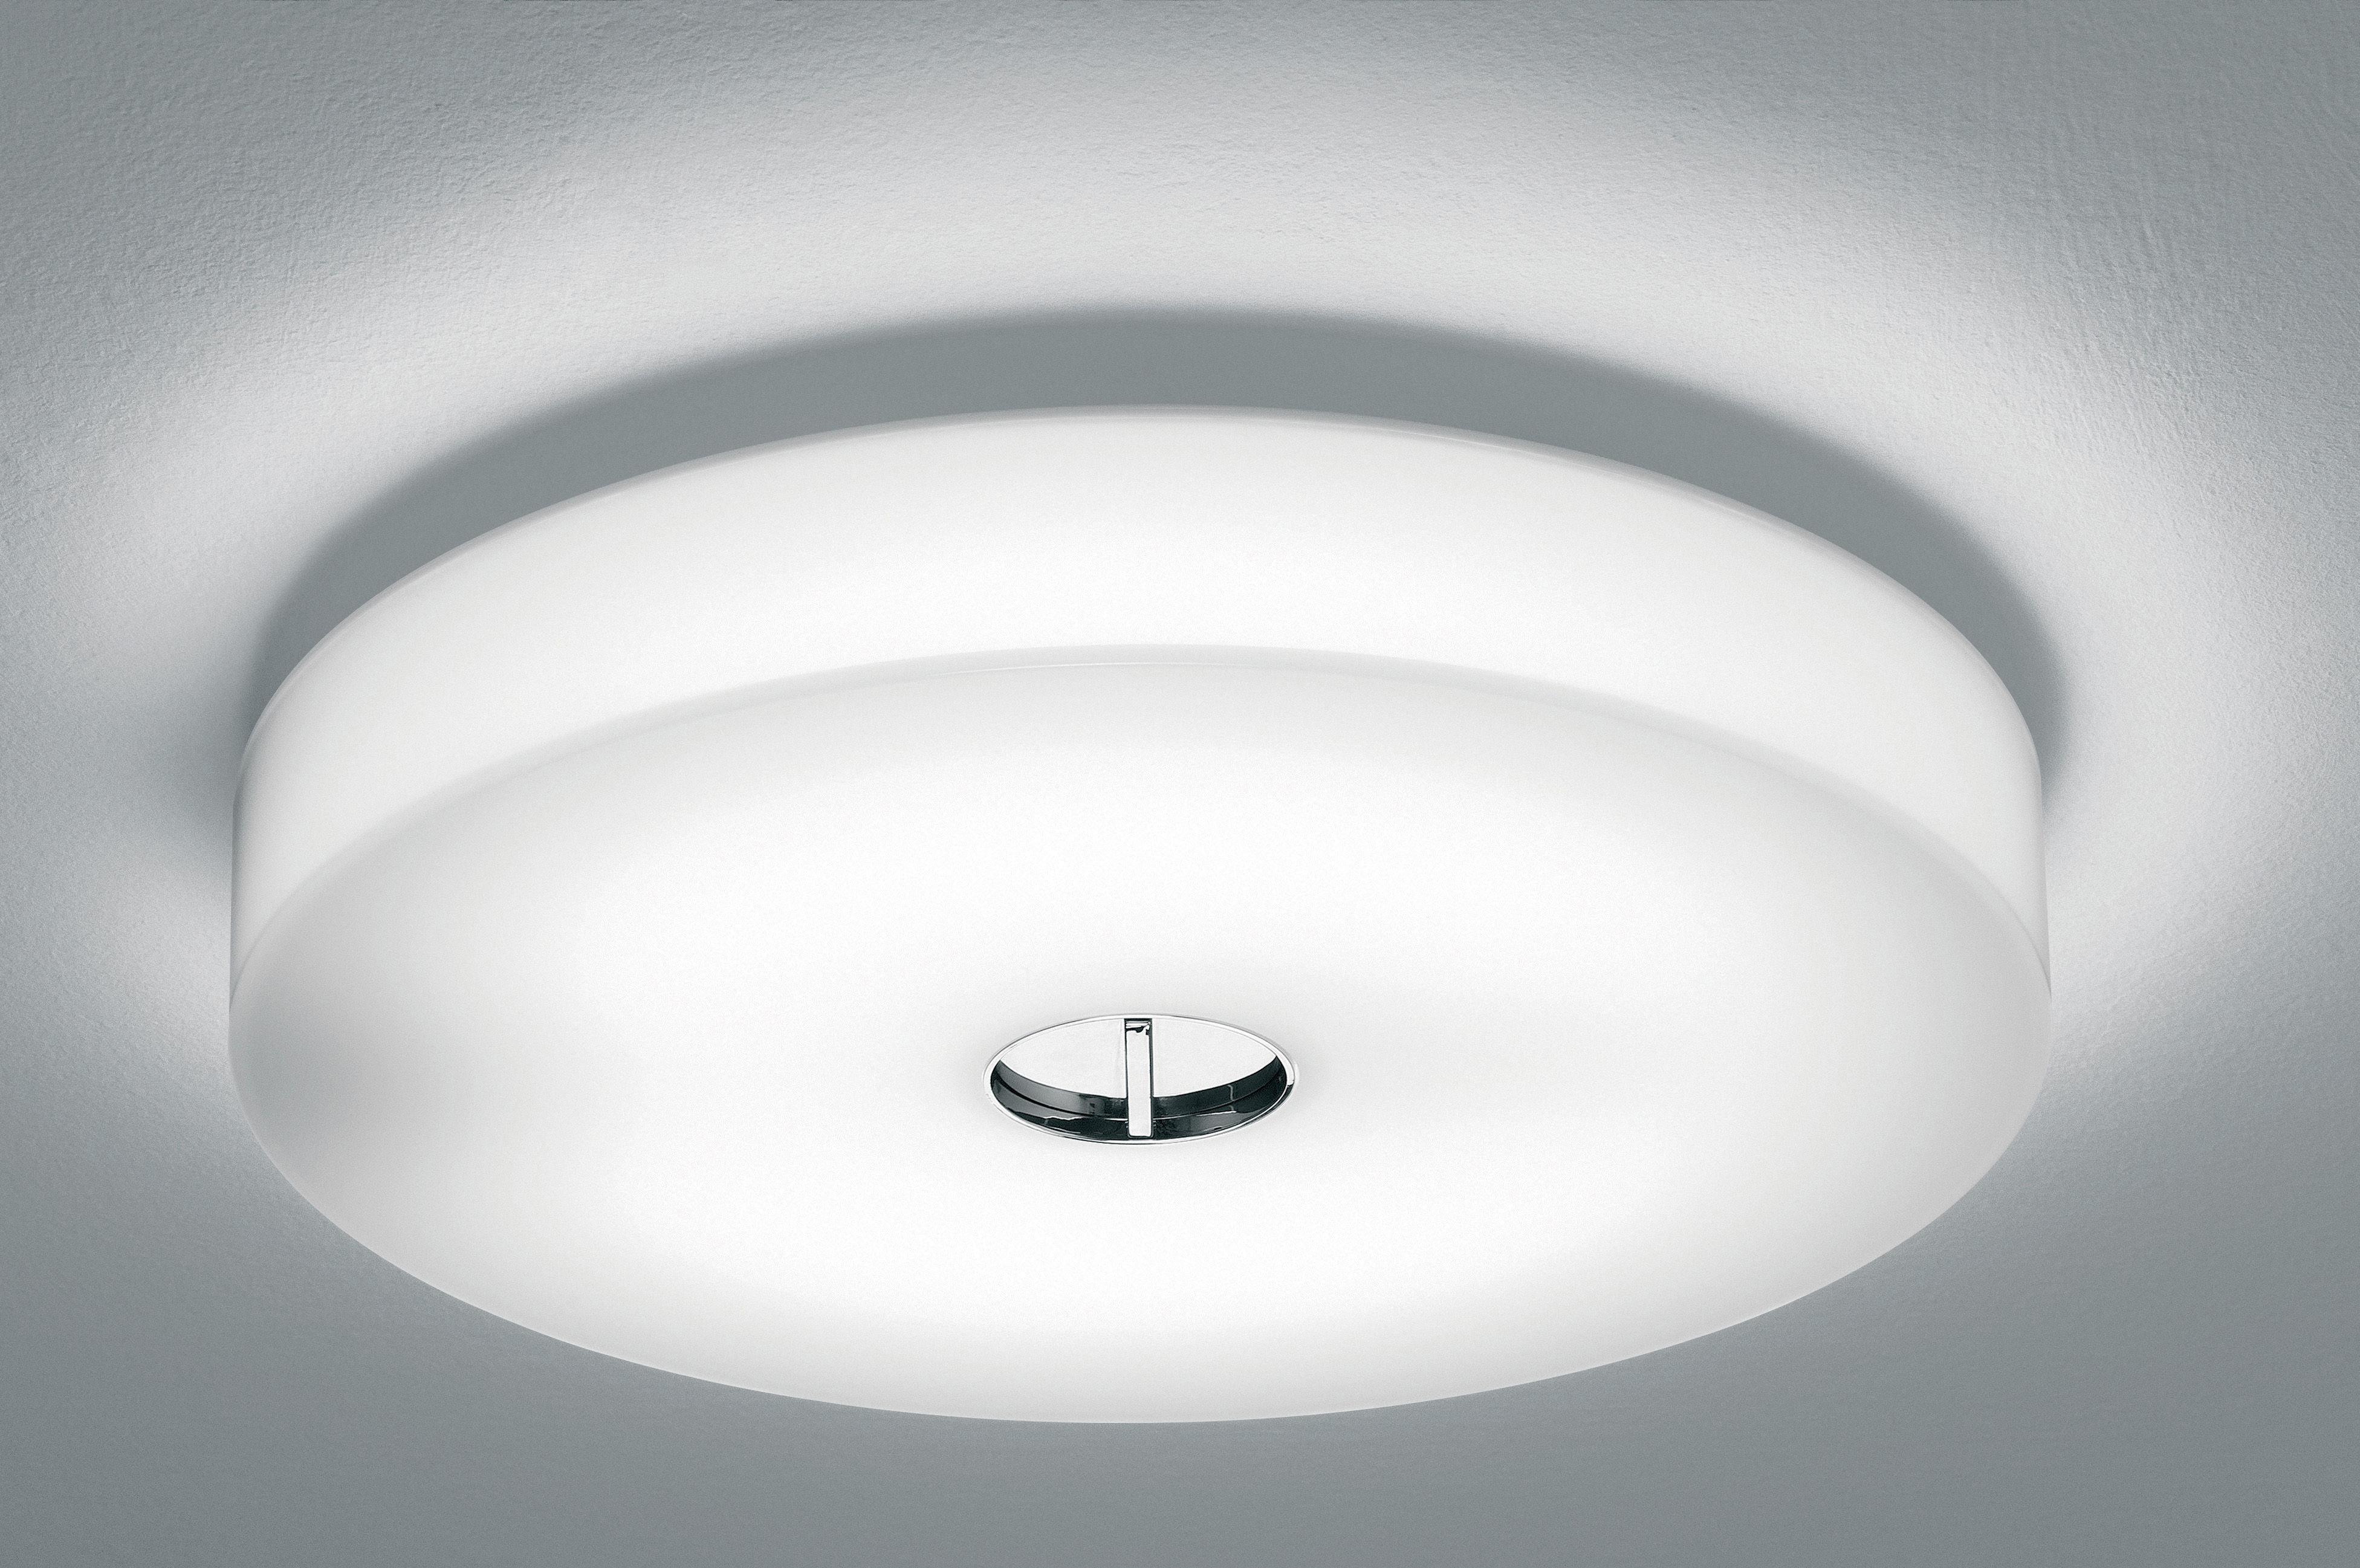 Plafoniera Flos : Applique d esterno button flos bianco h made in design